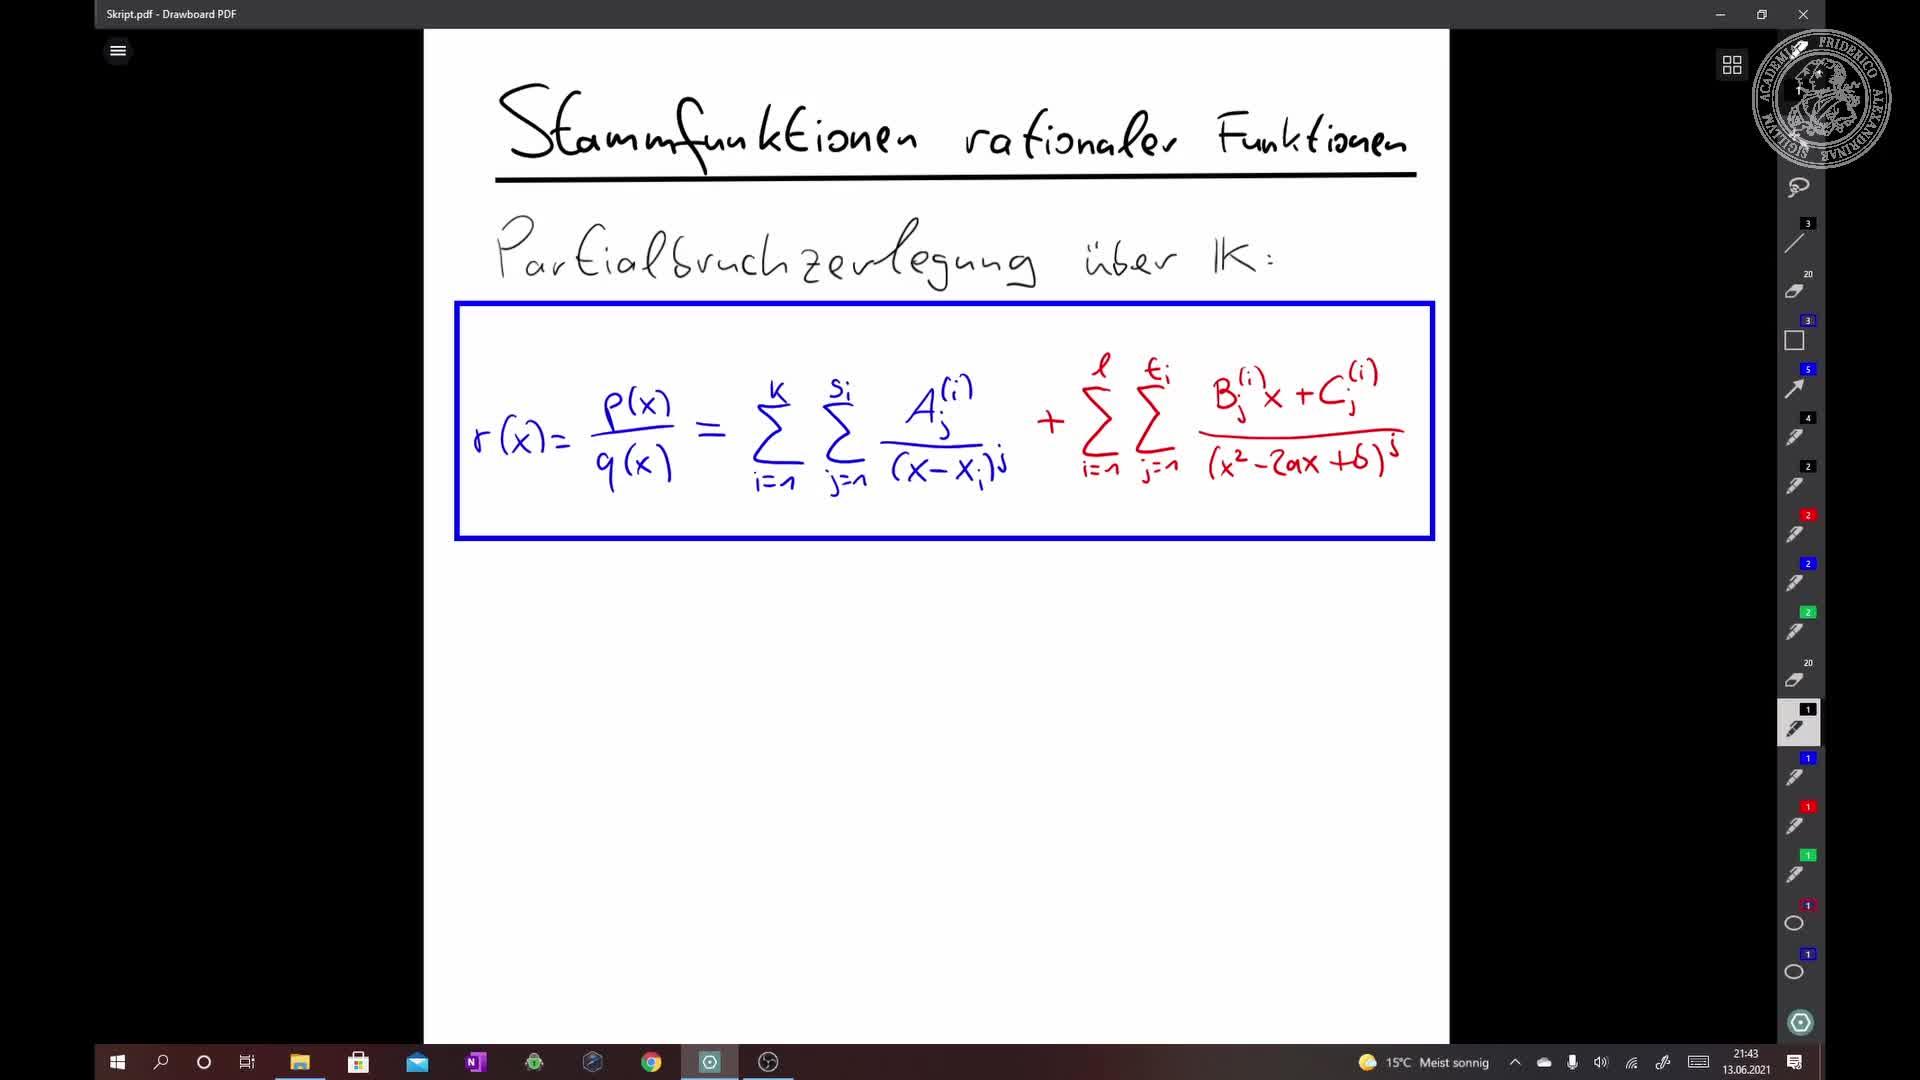 Stammfunktionen rationaler Funktionen preview image